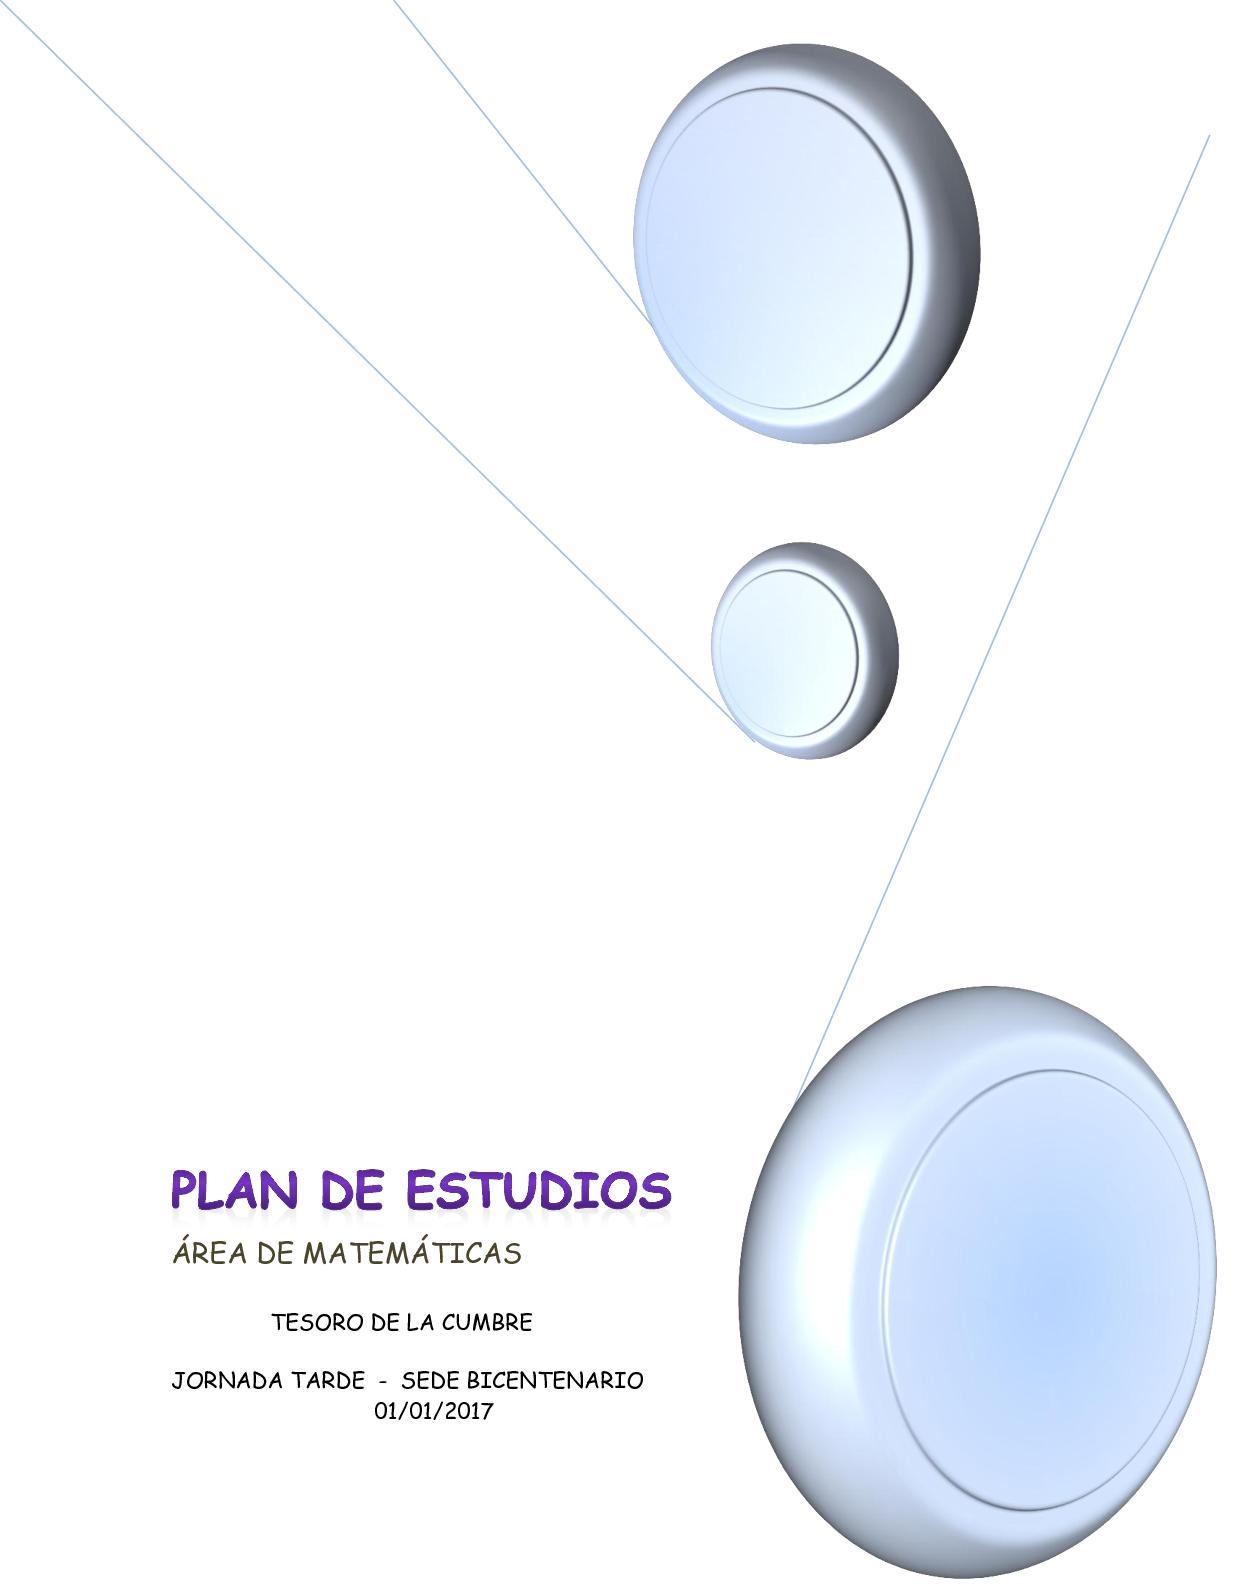 Plan De Estudios Area Matematicas